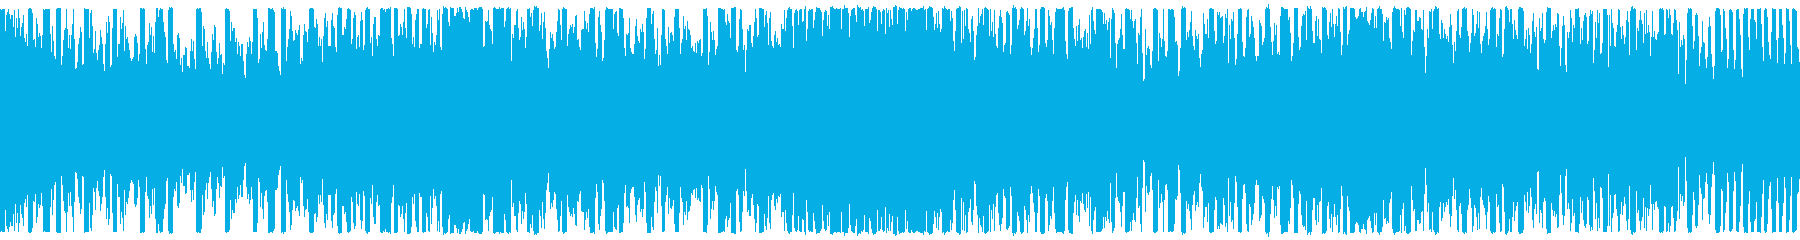 EDM、サイバー系ゲーム等、ループ①の再生済みの波形